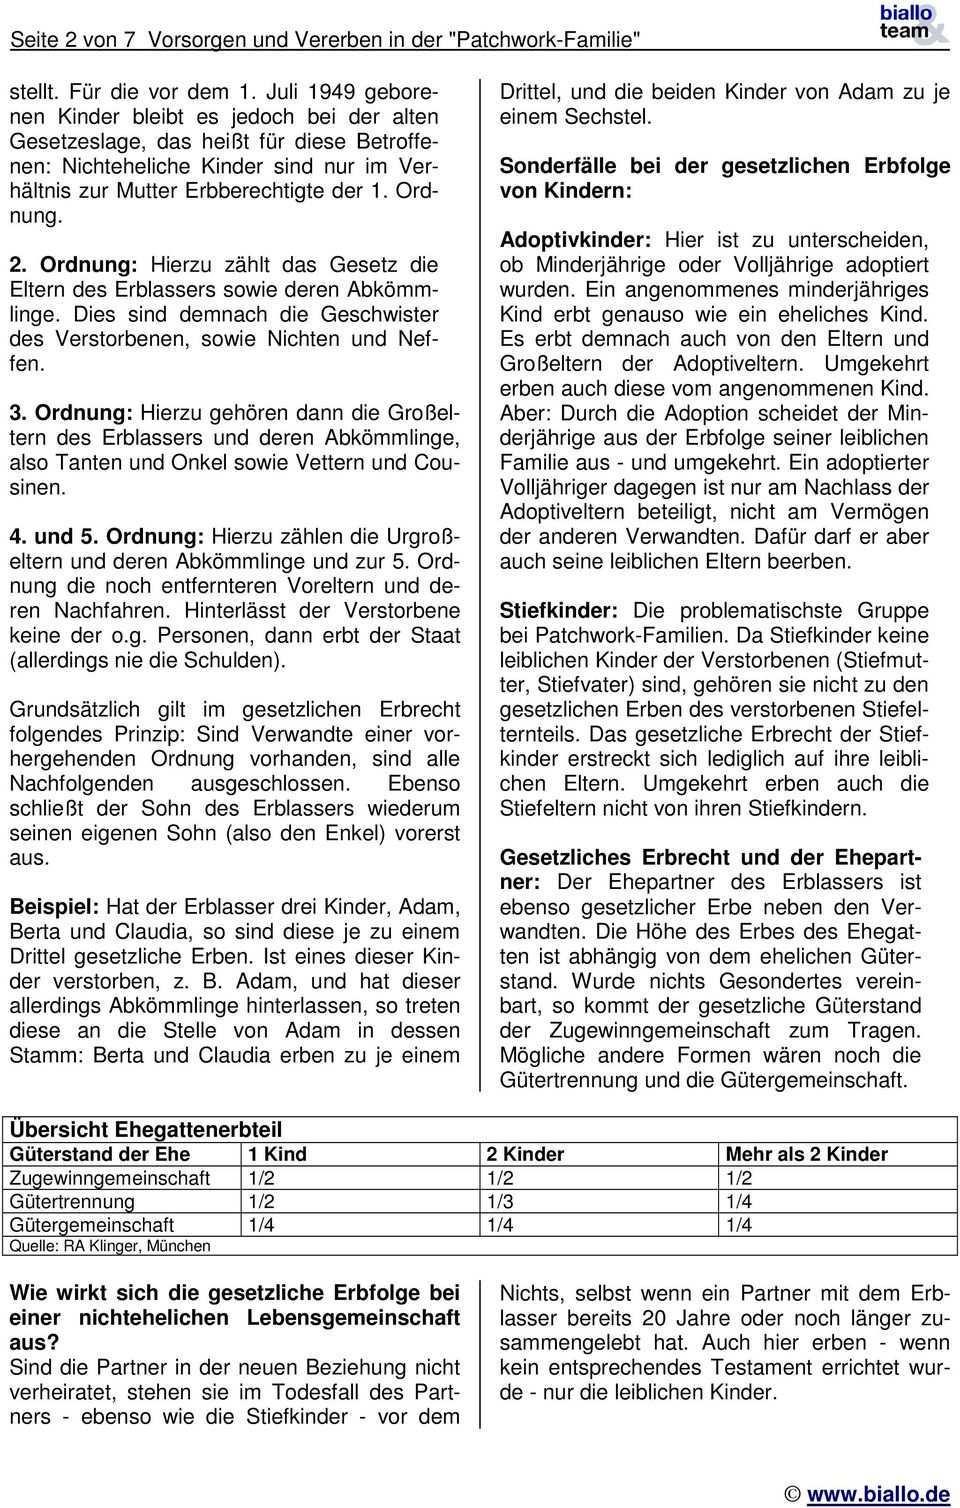 Vorsorgen Und Vererben In Der Patchwork Familie Pdf Free Download